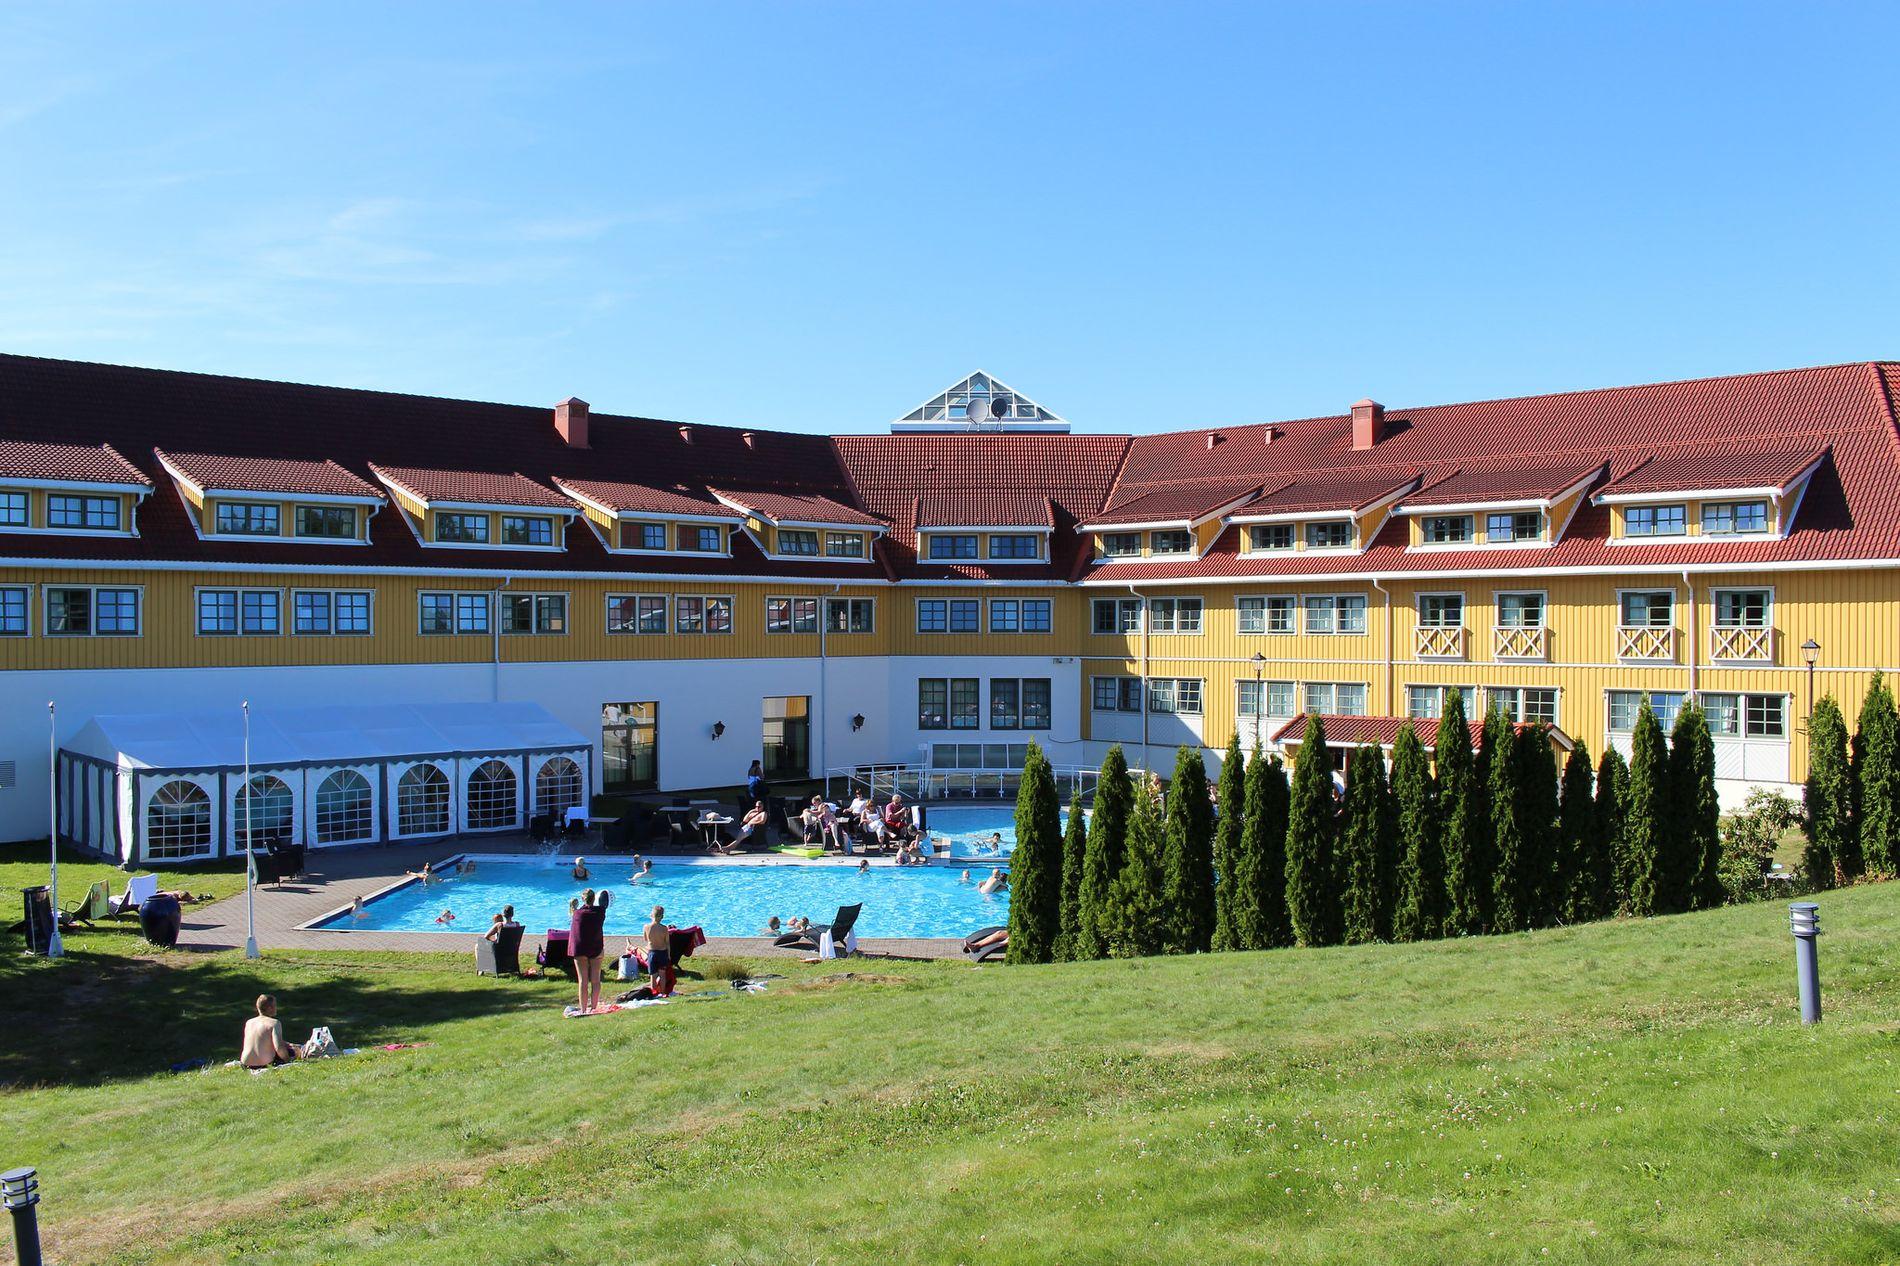 HOTELL FOR DE BADEGLADE: Scandic hotell Sørlandet ligger nært den populære Dyreparken, og har oppvarmet basseng til badeglade gjester.